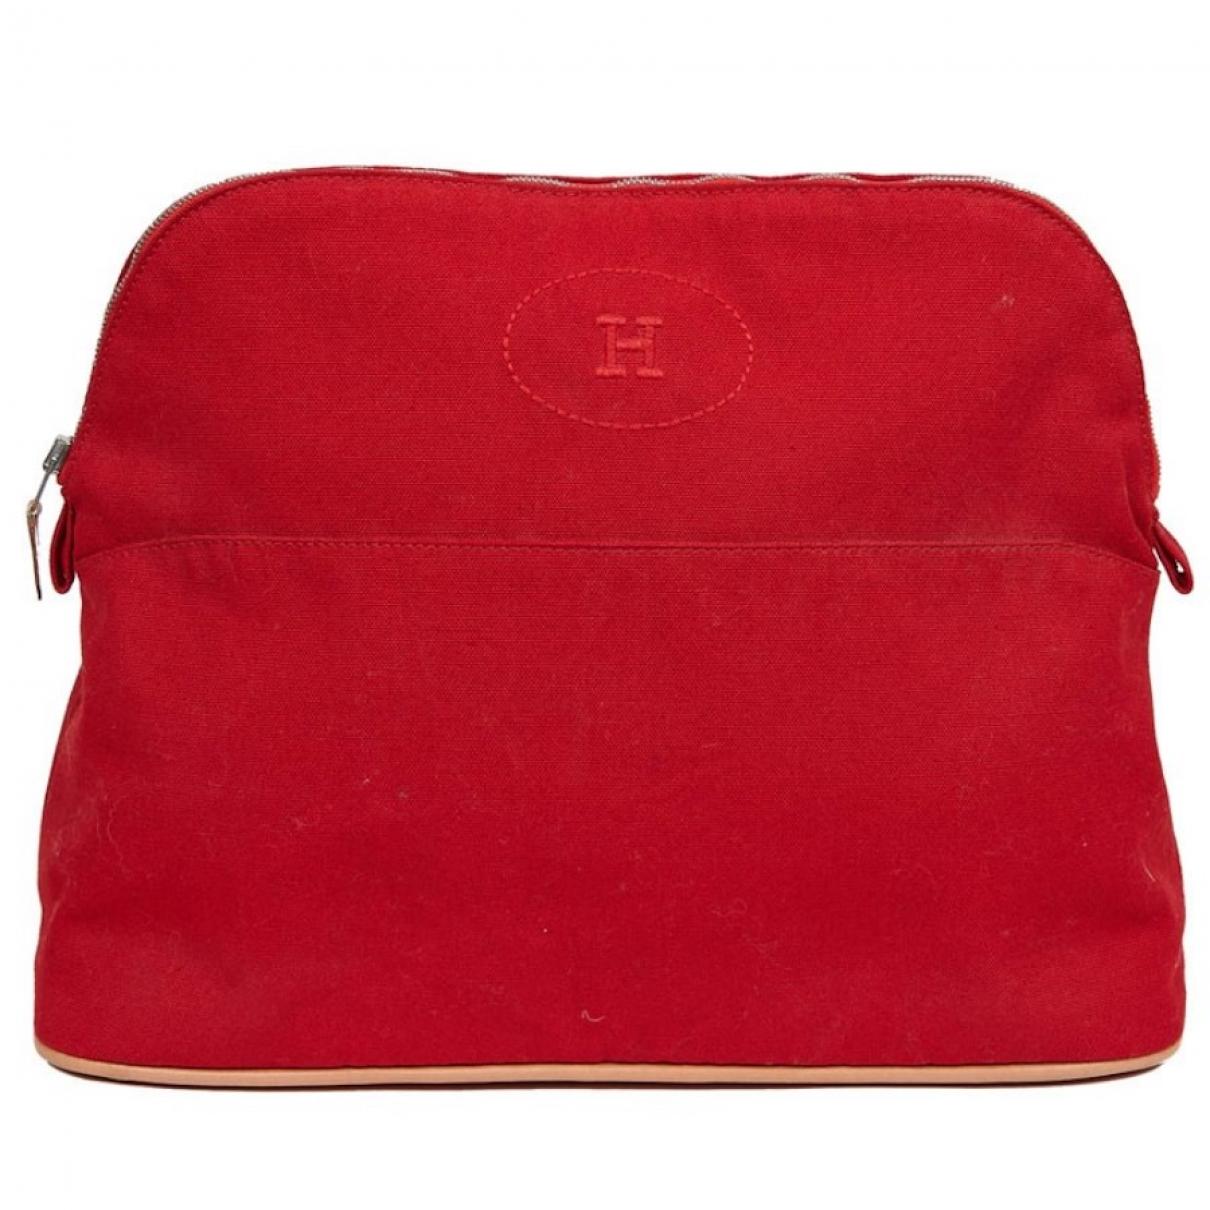 Hermes - Sac de voyage Bolide pour femme en coton - rouge